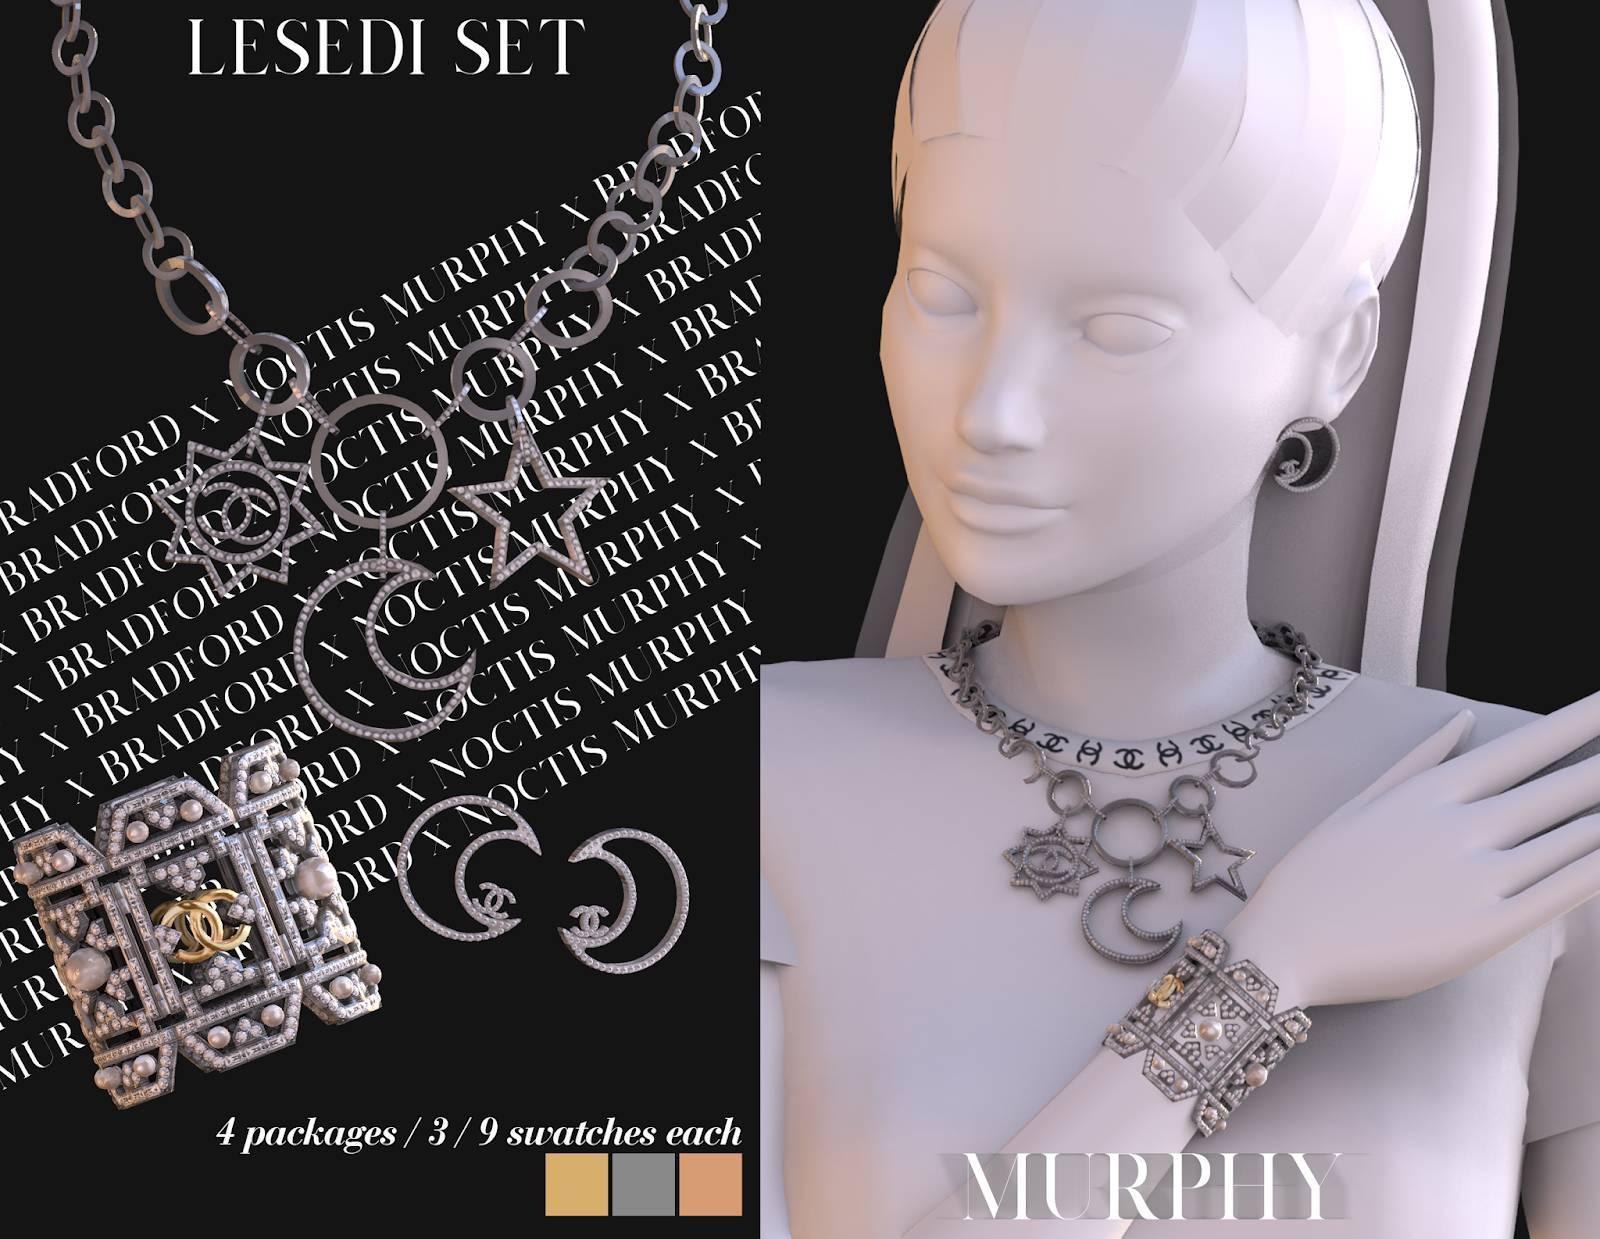 Комплект украшений - Lesedi Set